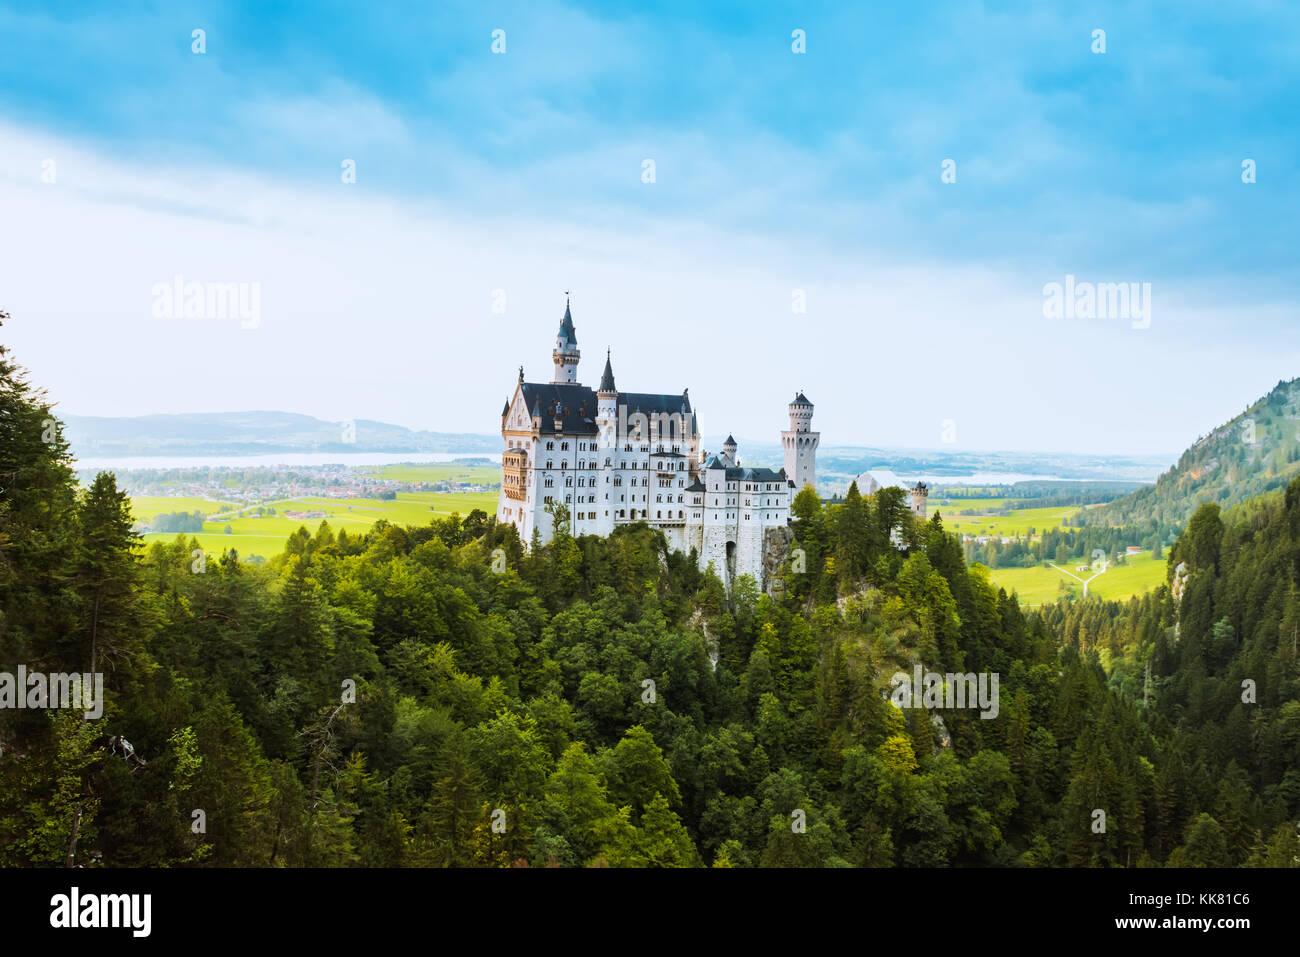 Belle vue aérienne du château de Neuschwanstein en été Photo Stock